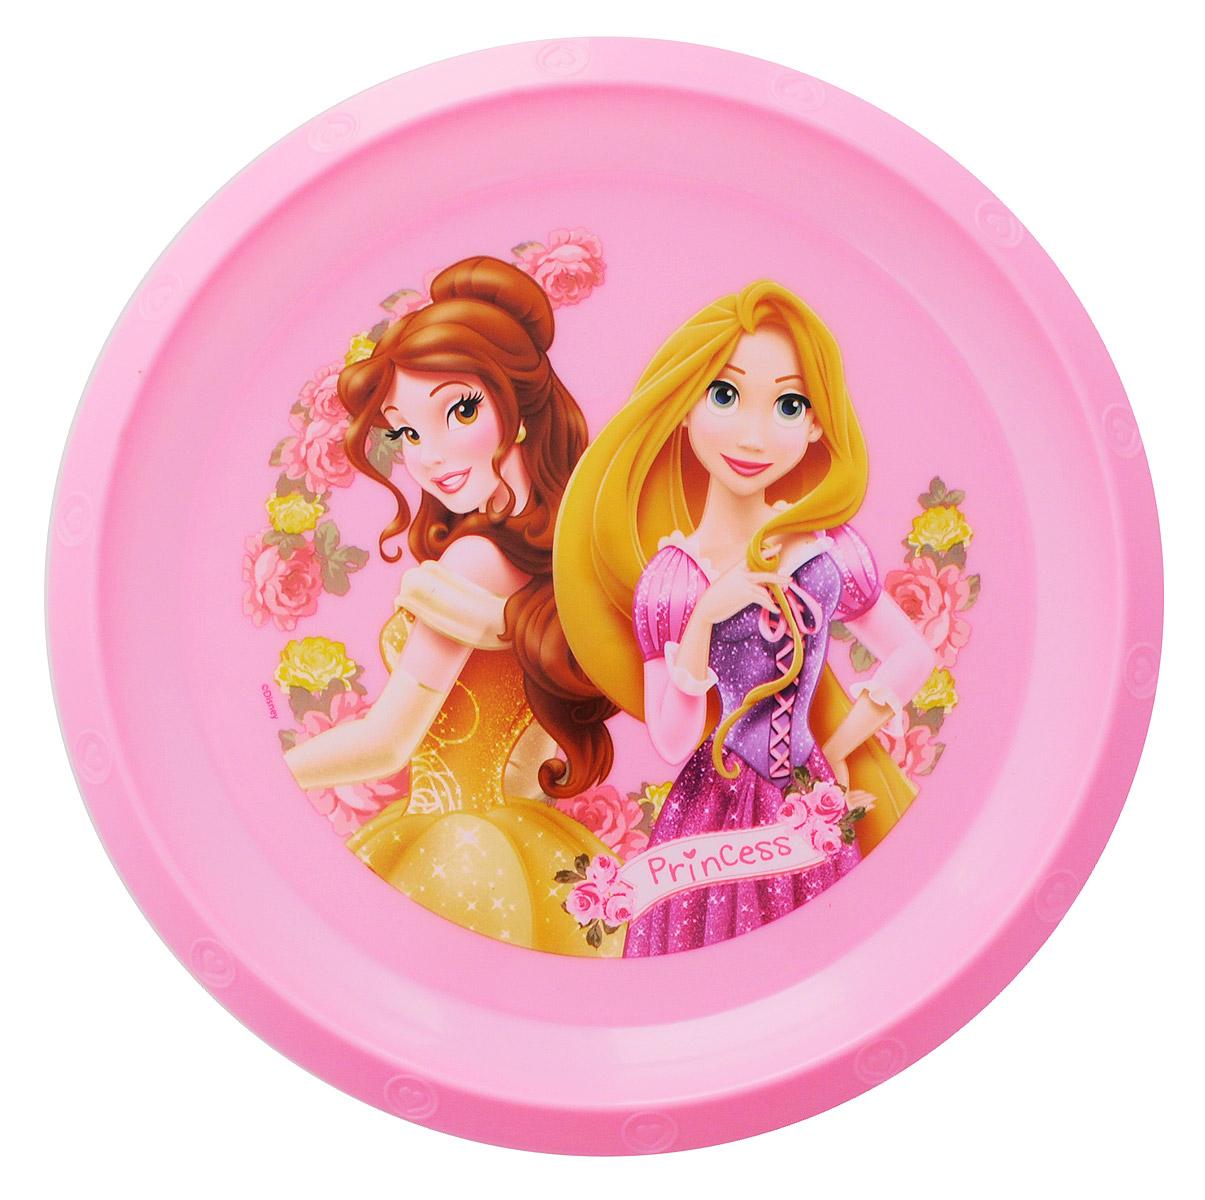 Disney Тарелка детская Принцессы Белль и Рапунцель59212_розовыйДетская тарелка Disney Принцессы Белль и Рапунцель идеально подойдет для кормления малыша и самостоятельного приема им пищи.Тарелка выполнена из безопасного полипропилена, дно оформлено высококачественным изображением принцесс из диснеевских сказок.Такой подарок станет не только приятным, но и практичным сувениром, добавит ярких эмоций вашему ребенку!Тарелка не предназначена для использования в СВЧ-печи и посудомоечной машине.